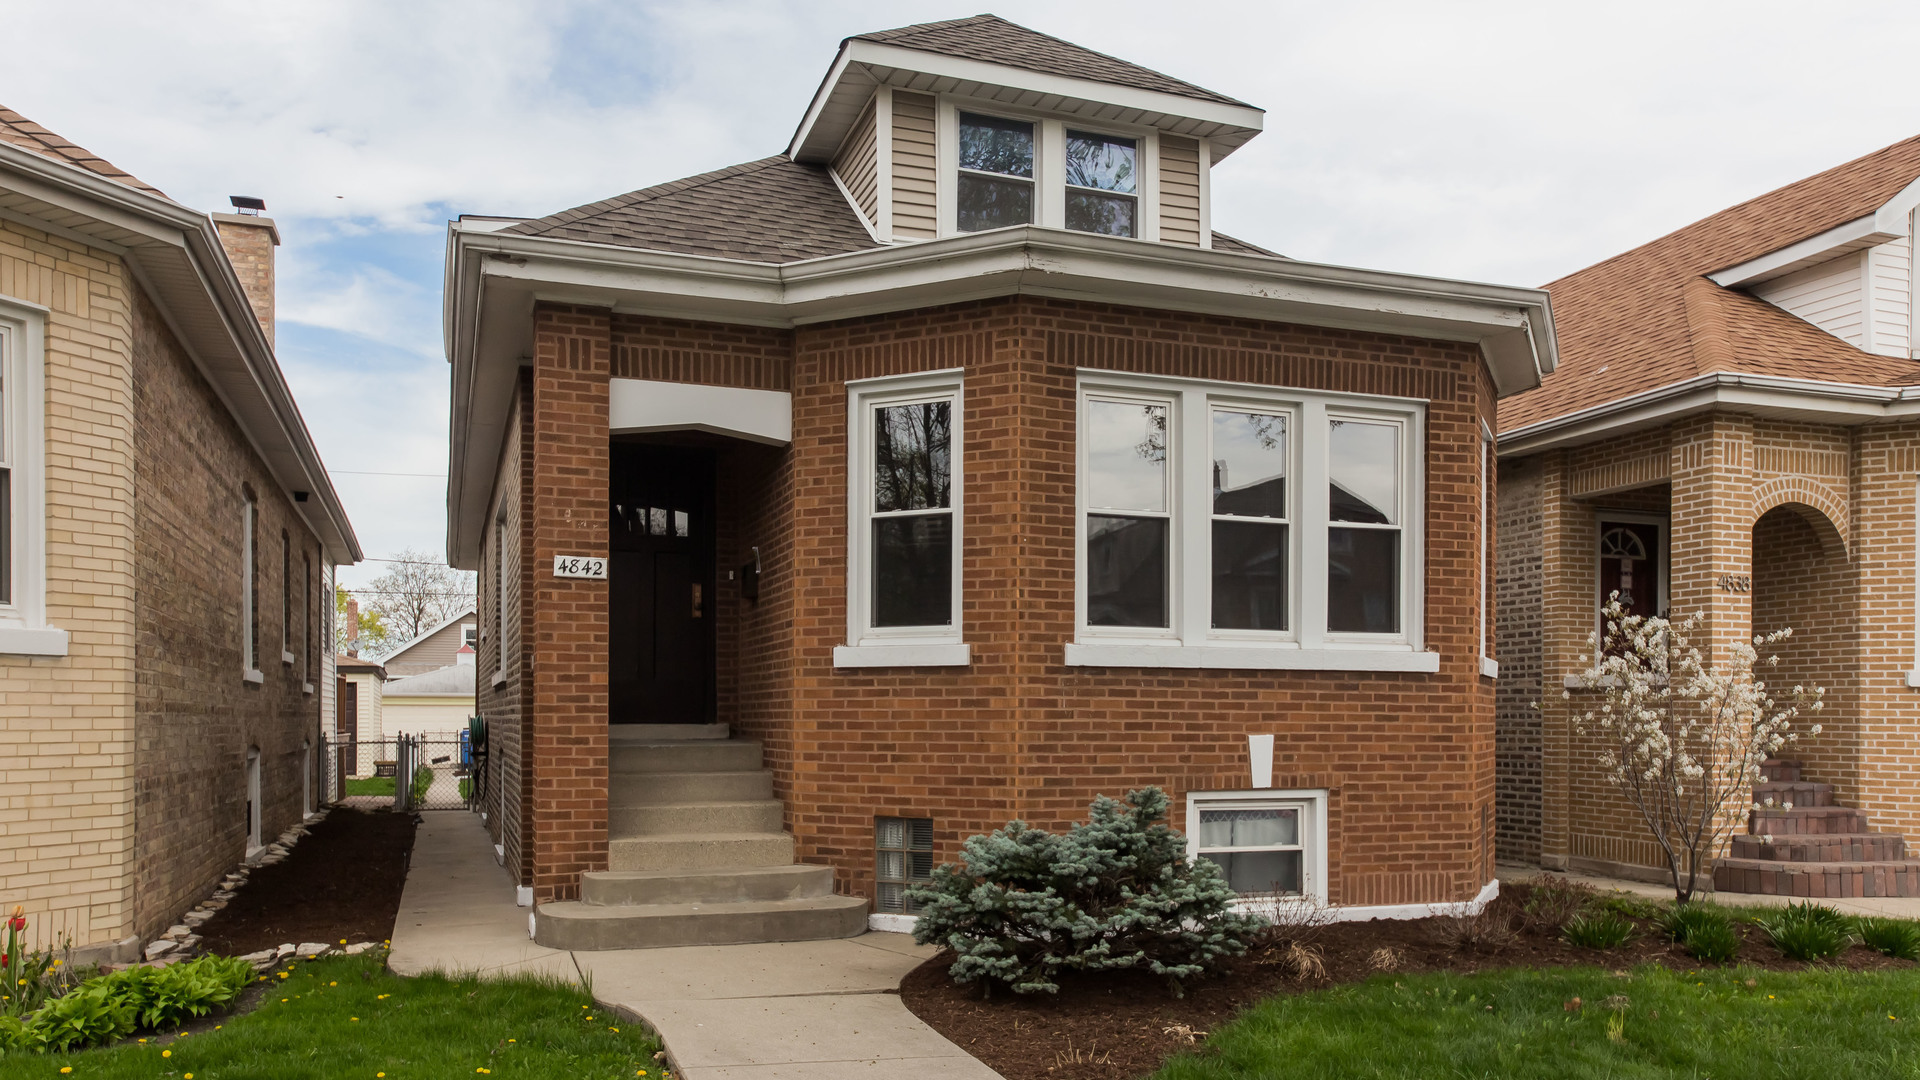 4842 W Ainslie Exterior Photo